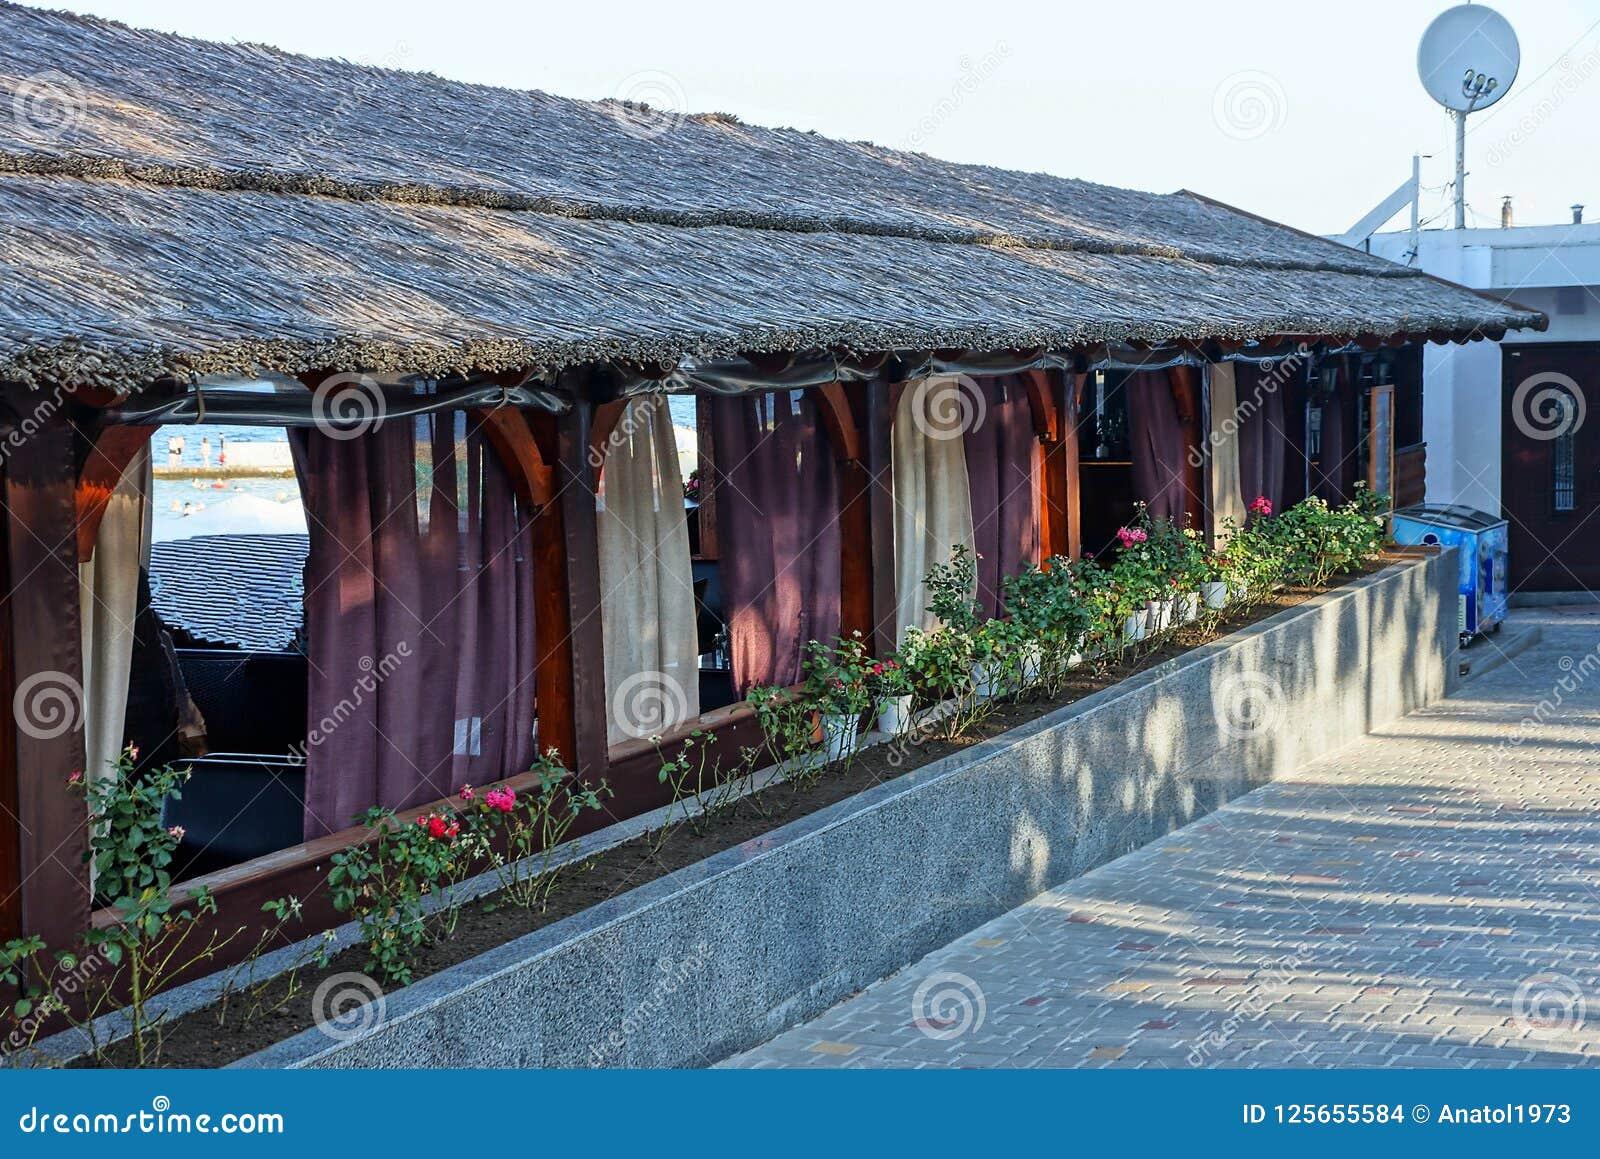 Une partie d une longue terrasse brune sous un toit couvert de chaume avec des rideaux et des pots de fleurs avec des fleurs